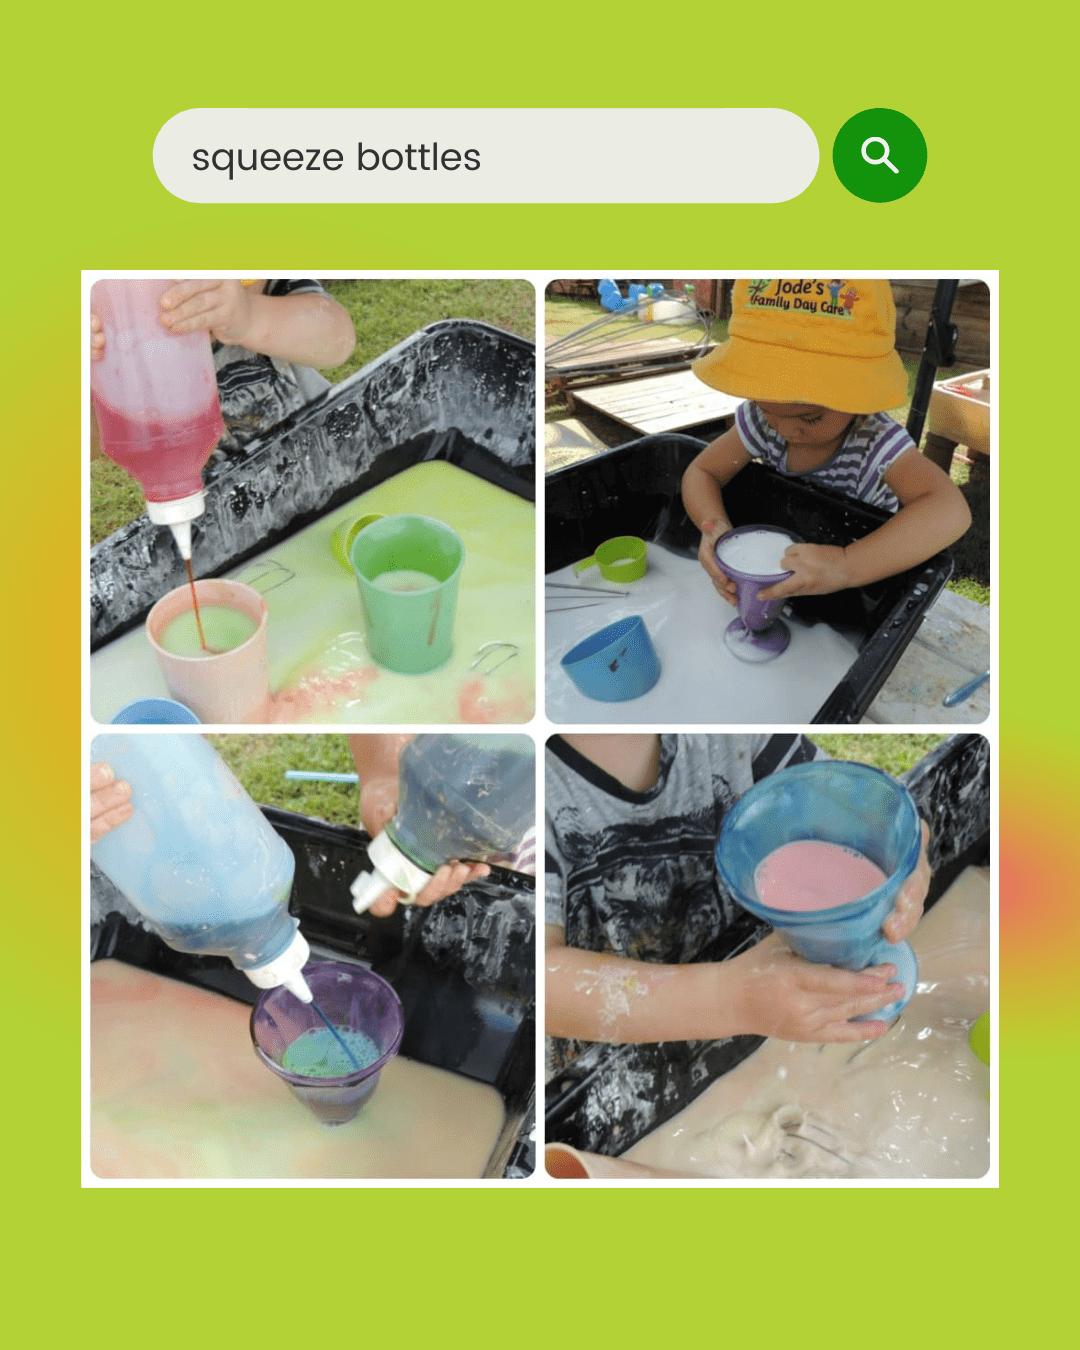 squeeze bottle activities using sensory tools